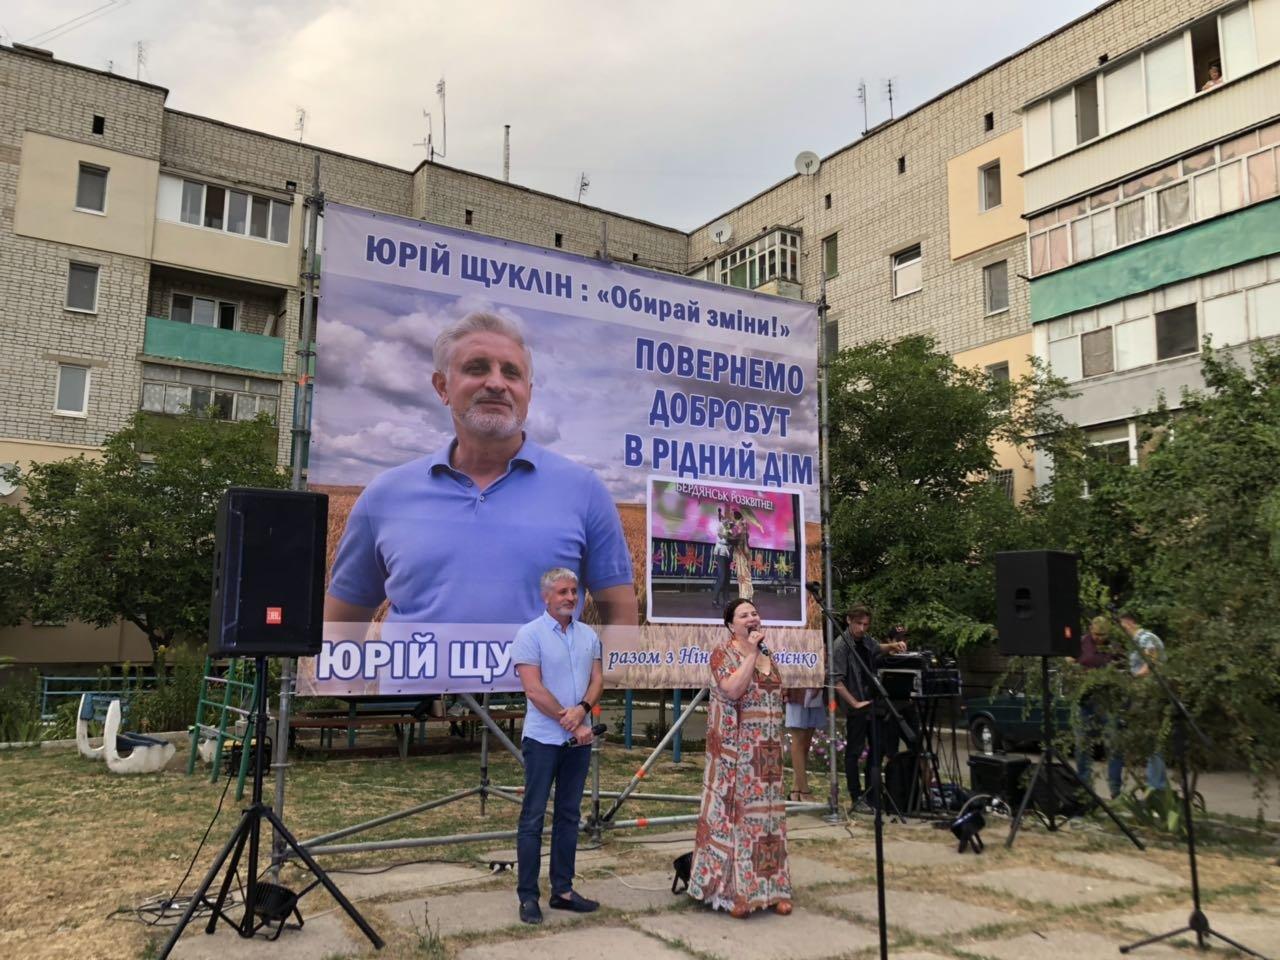 Ніна Матвієнко закликала жителів Макорт і Азмола проголосувати за зміни і порядок, фото-5